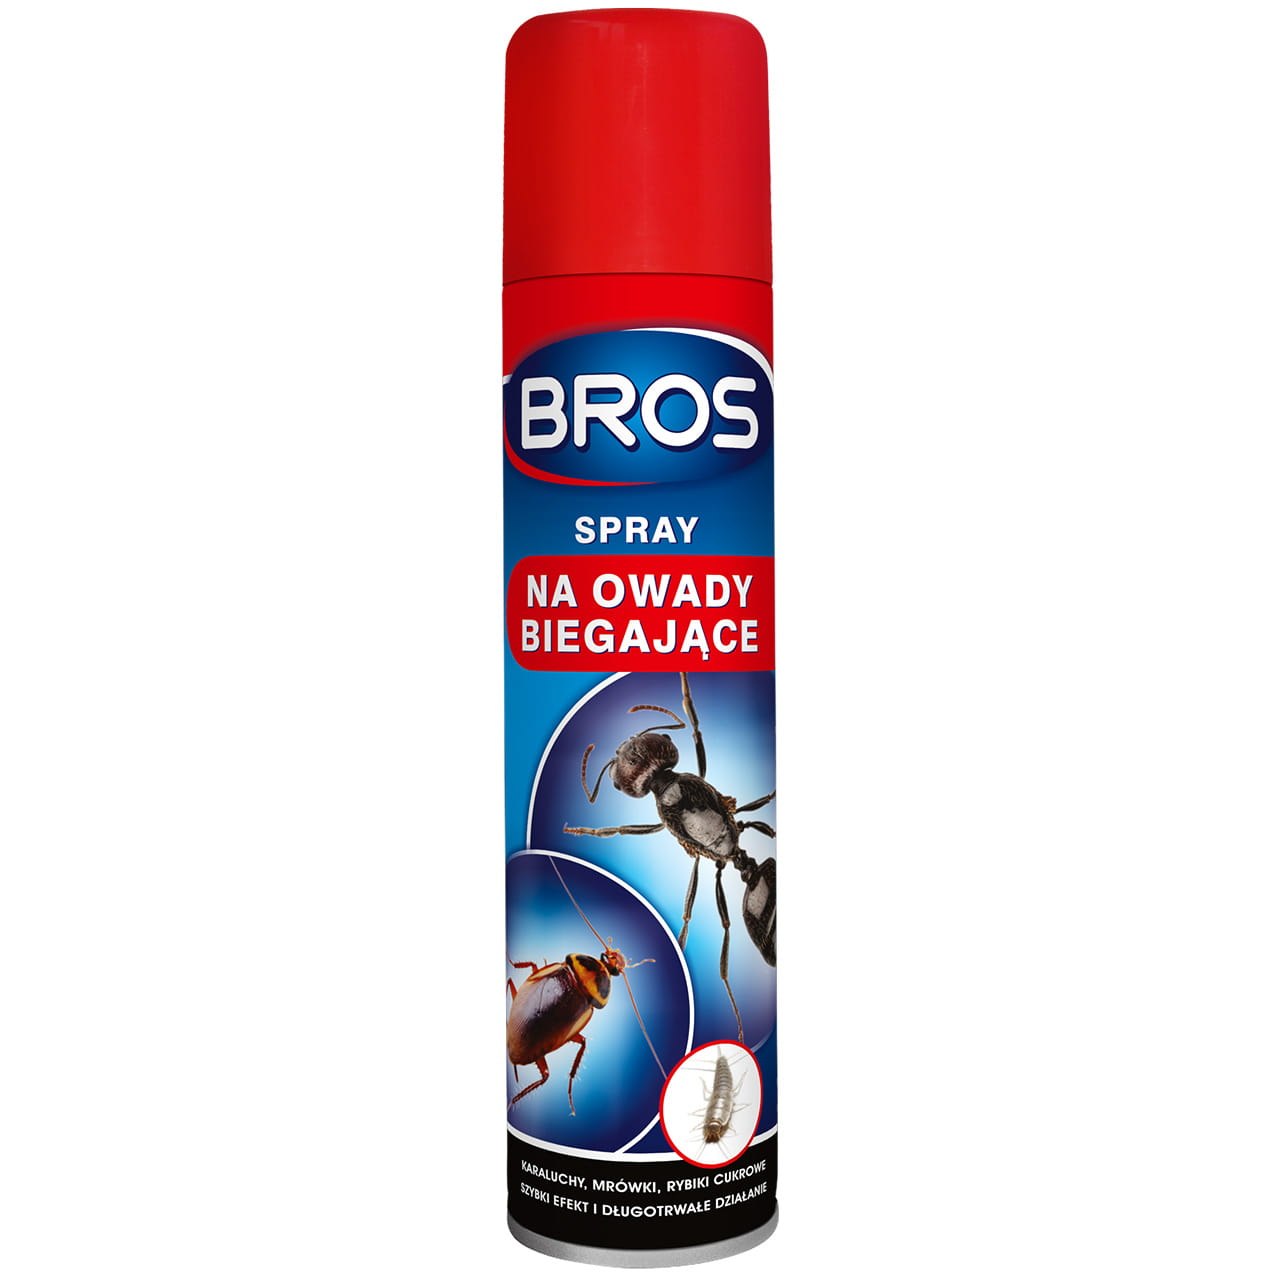 BROS spray na owady biegające